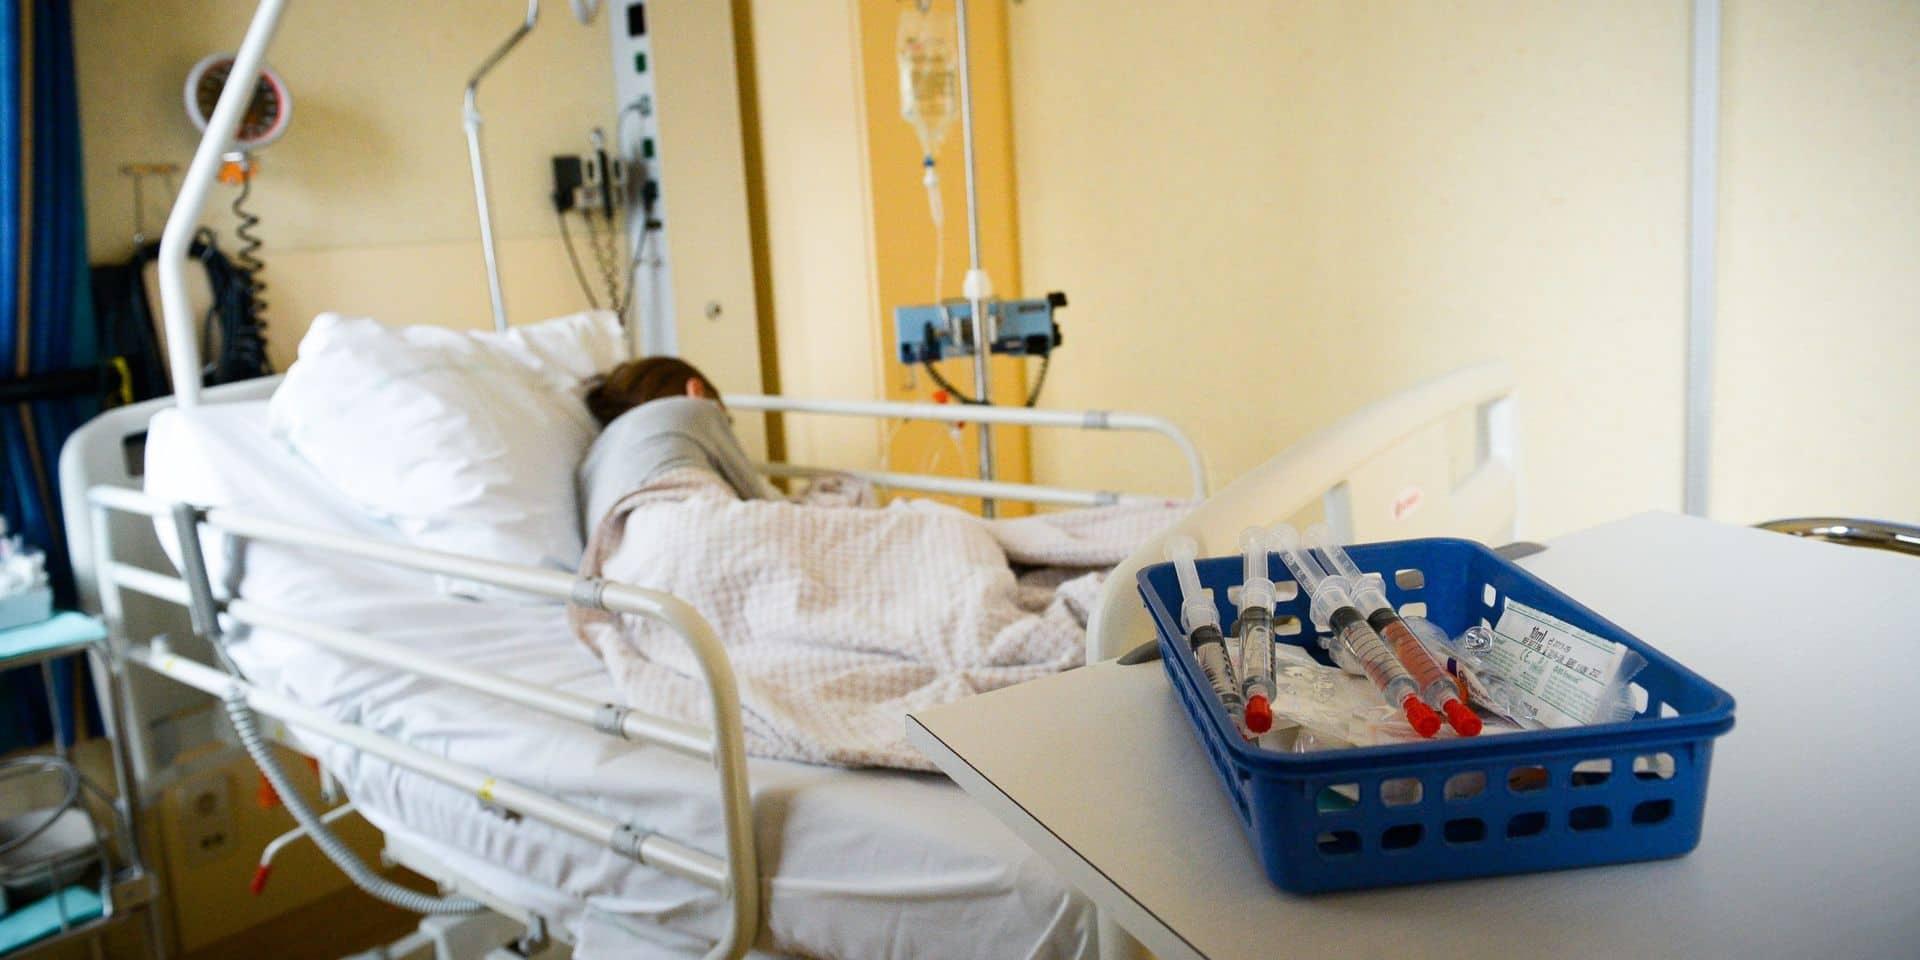 Maladies rares : les patients oubliés de notre système de soins de santé